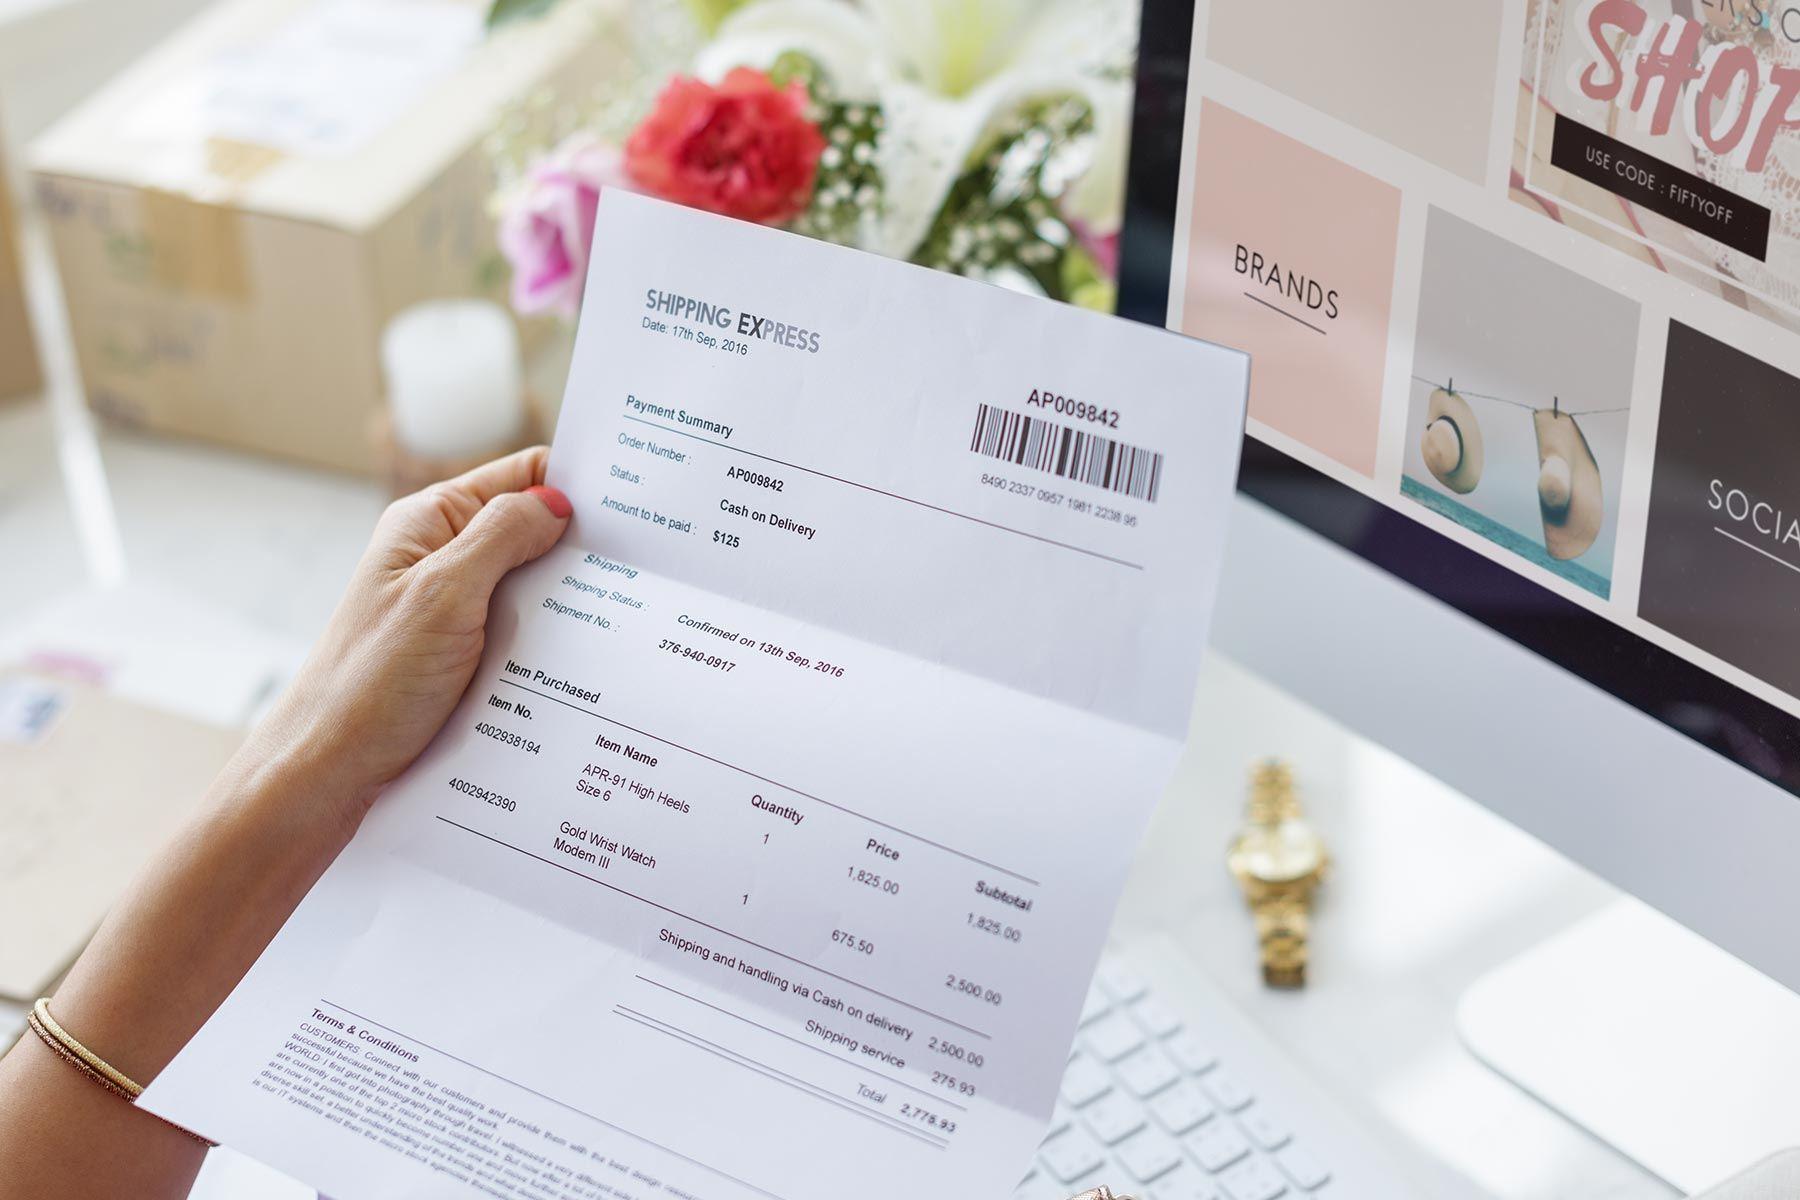 Boleto vencidos podem ser pagos em qualquer banco